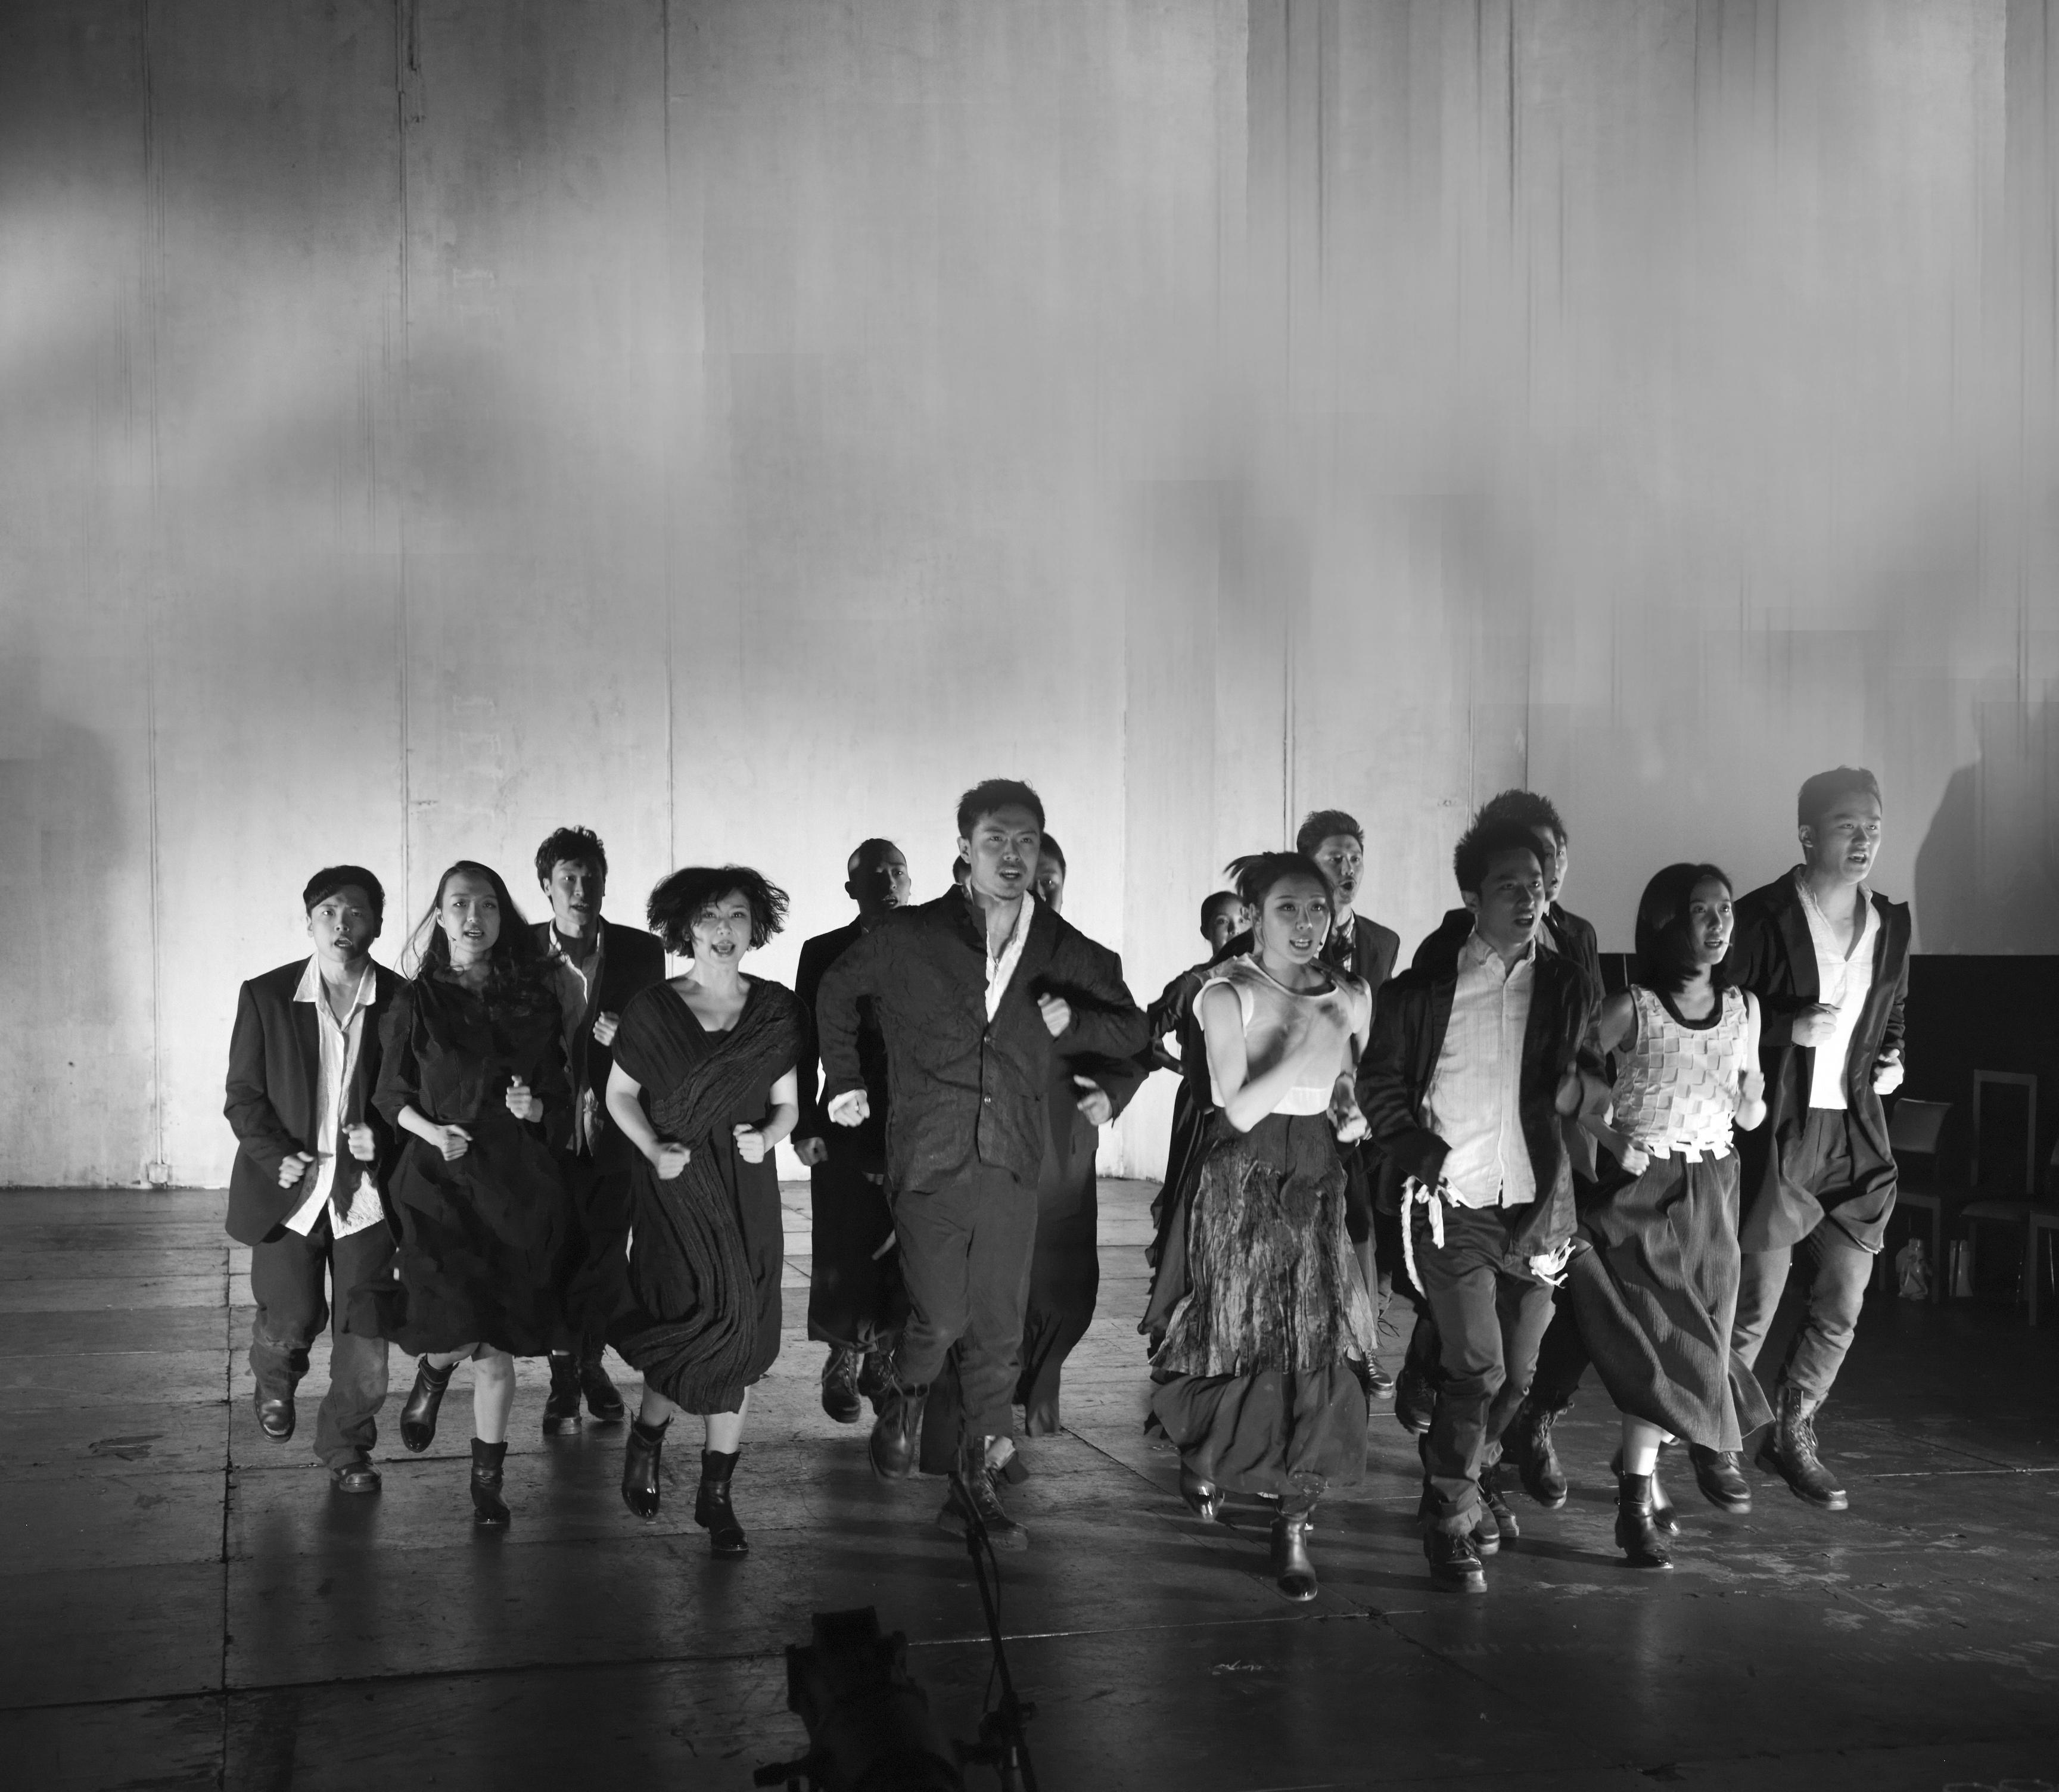 J'aime xxx, mise en scène par Meng Jinghui, Théâtre du Nid d'abeille, 2013. © Meng Jinghui Studio.